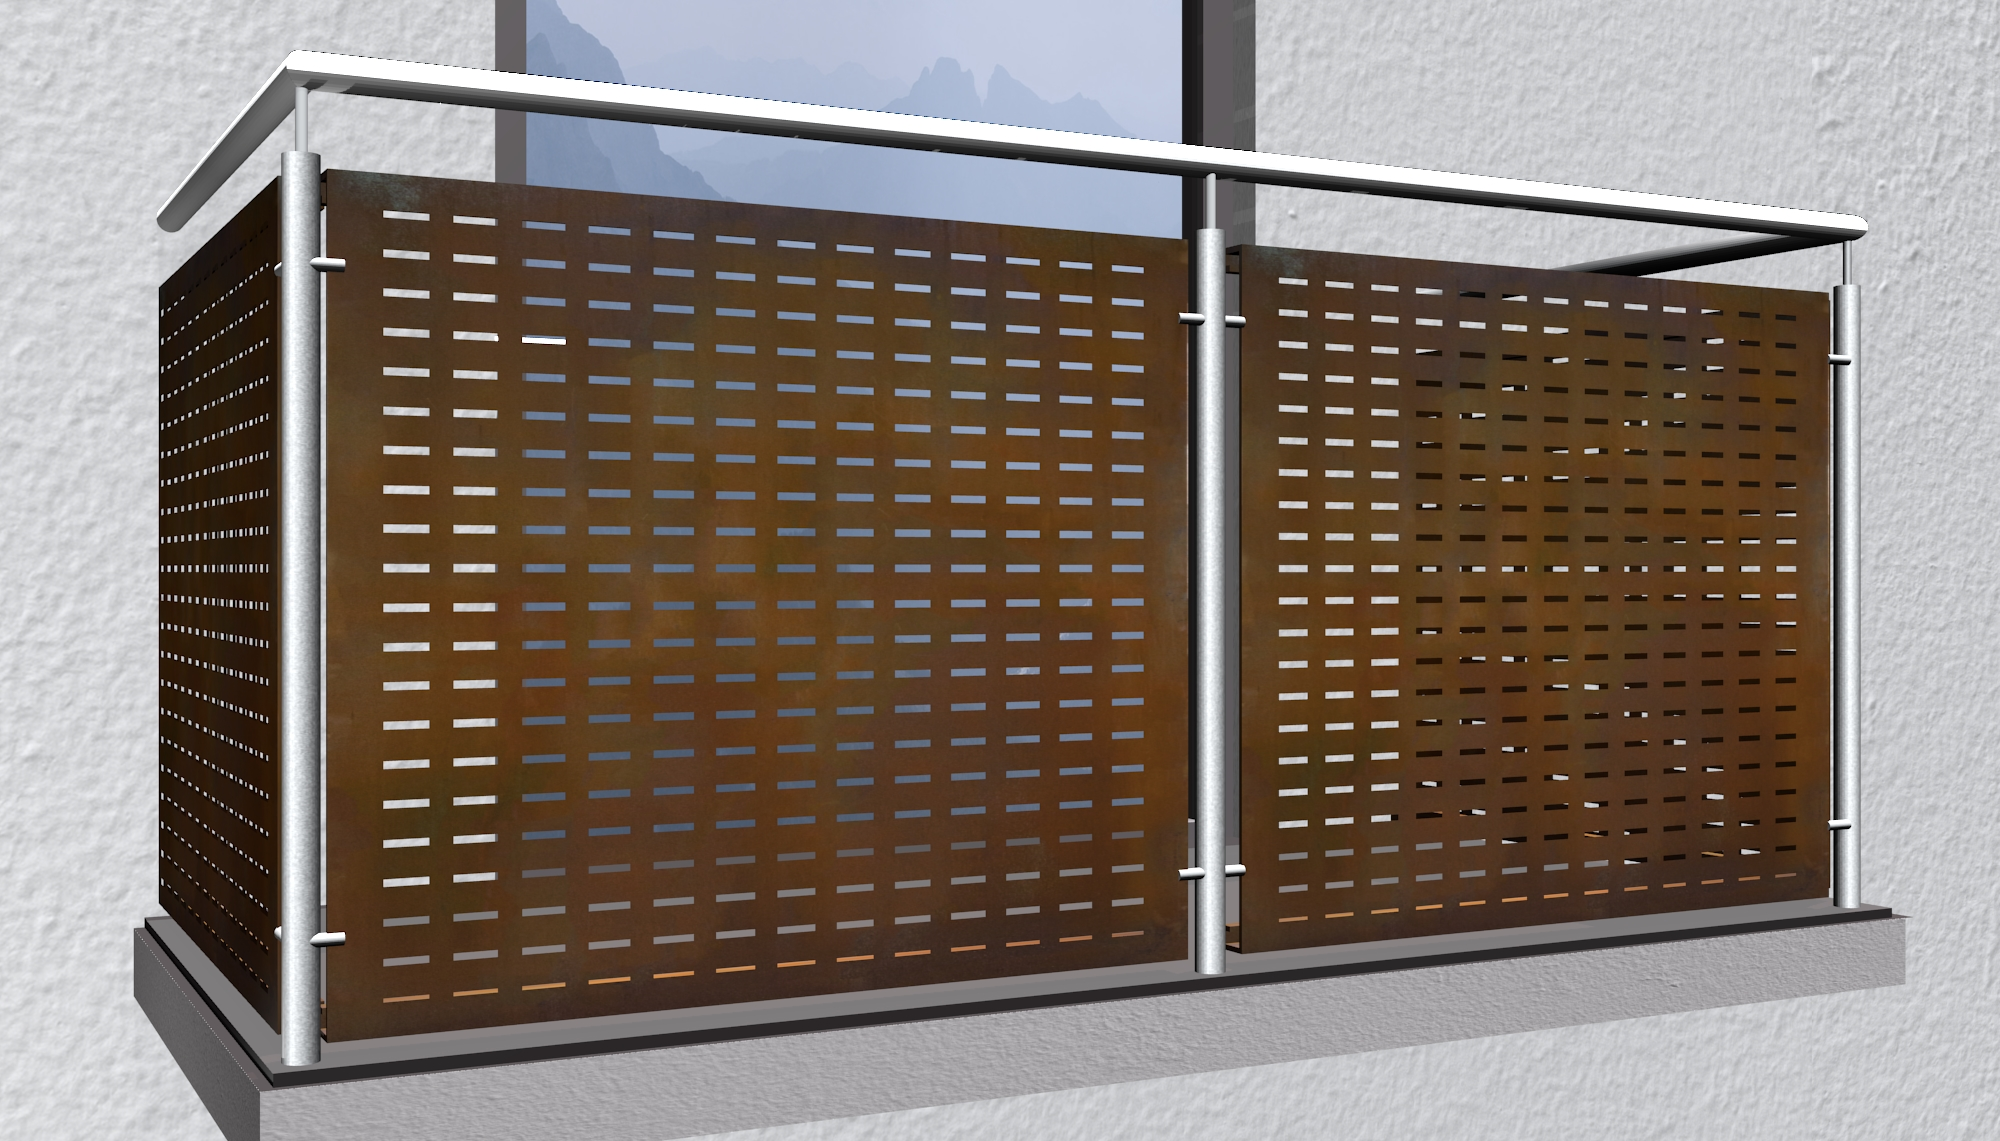 Balkonverkleidung Cortenstahl RE GE